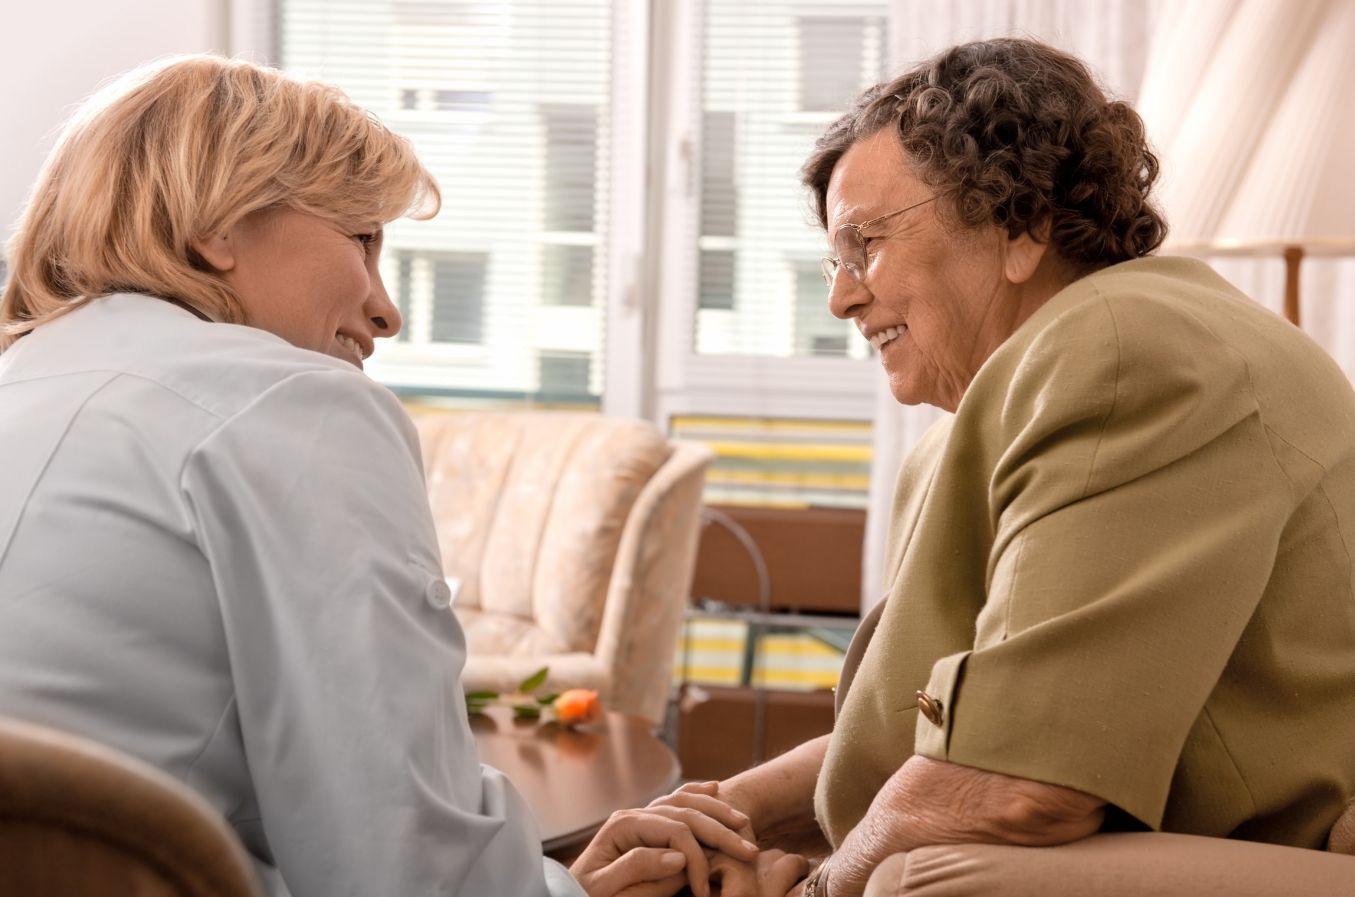 Avez-vous racheté votre patientèle lors de votre installation ?